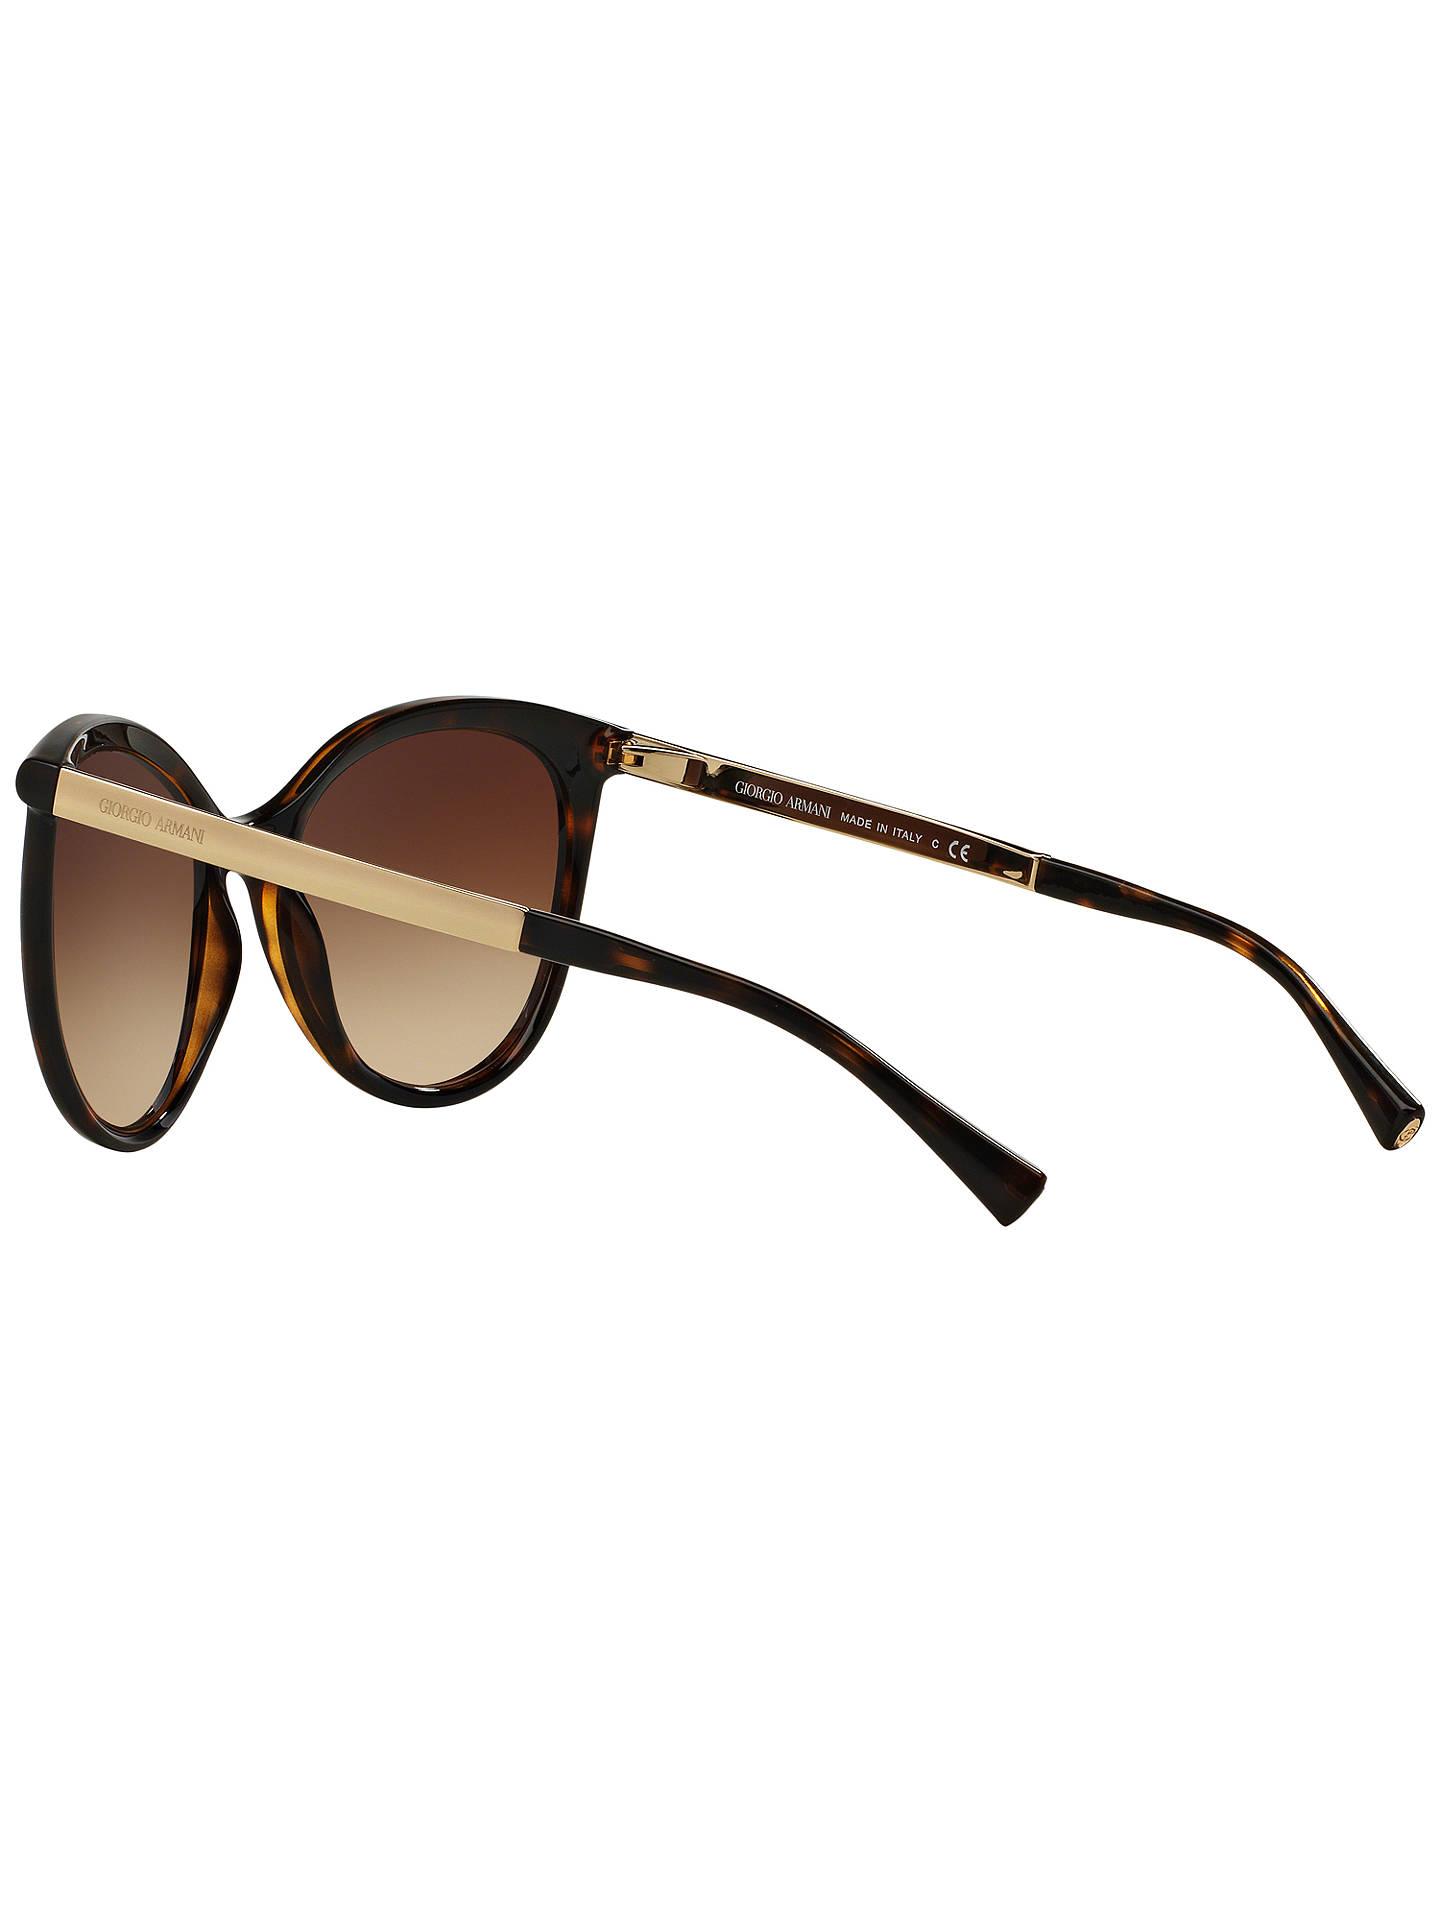 3bde65503e0 ... Buy Giorgio Armani AR8070 Round Sunglasses